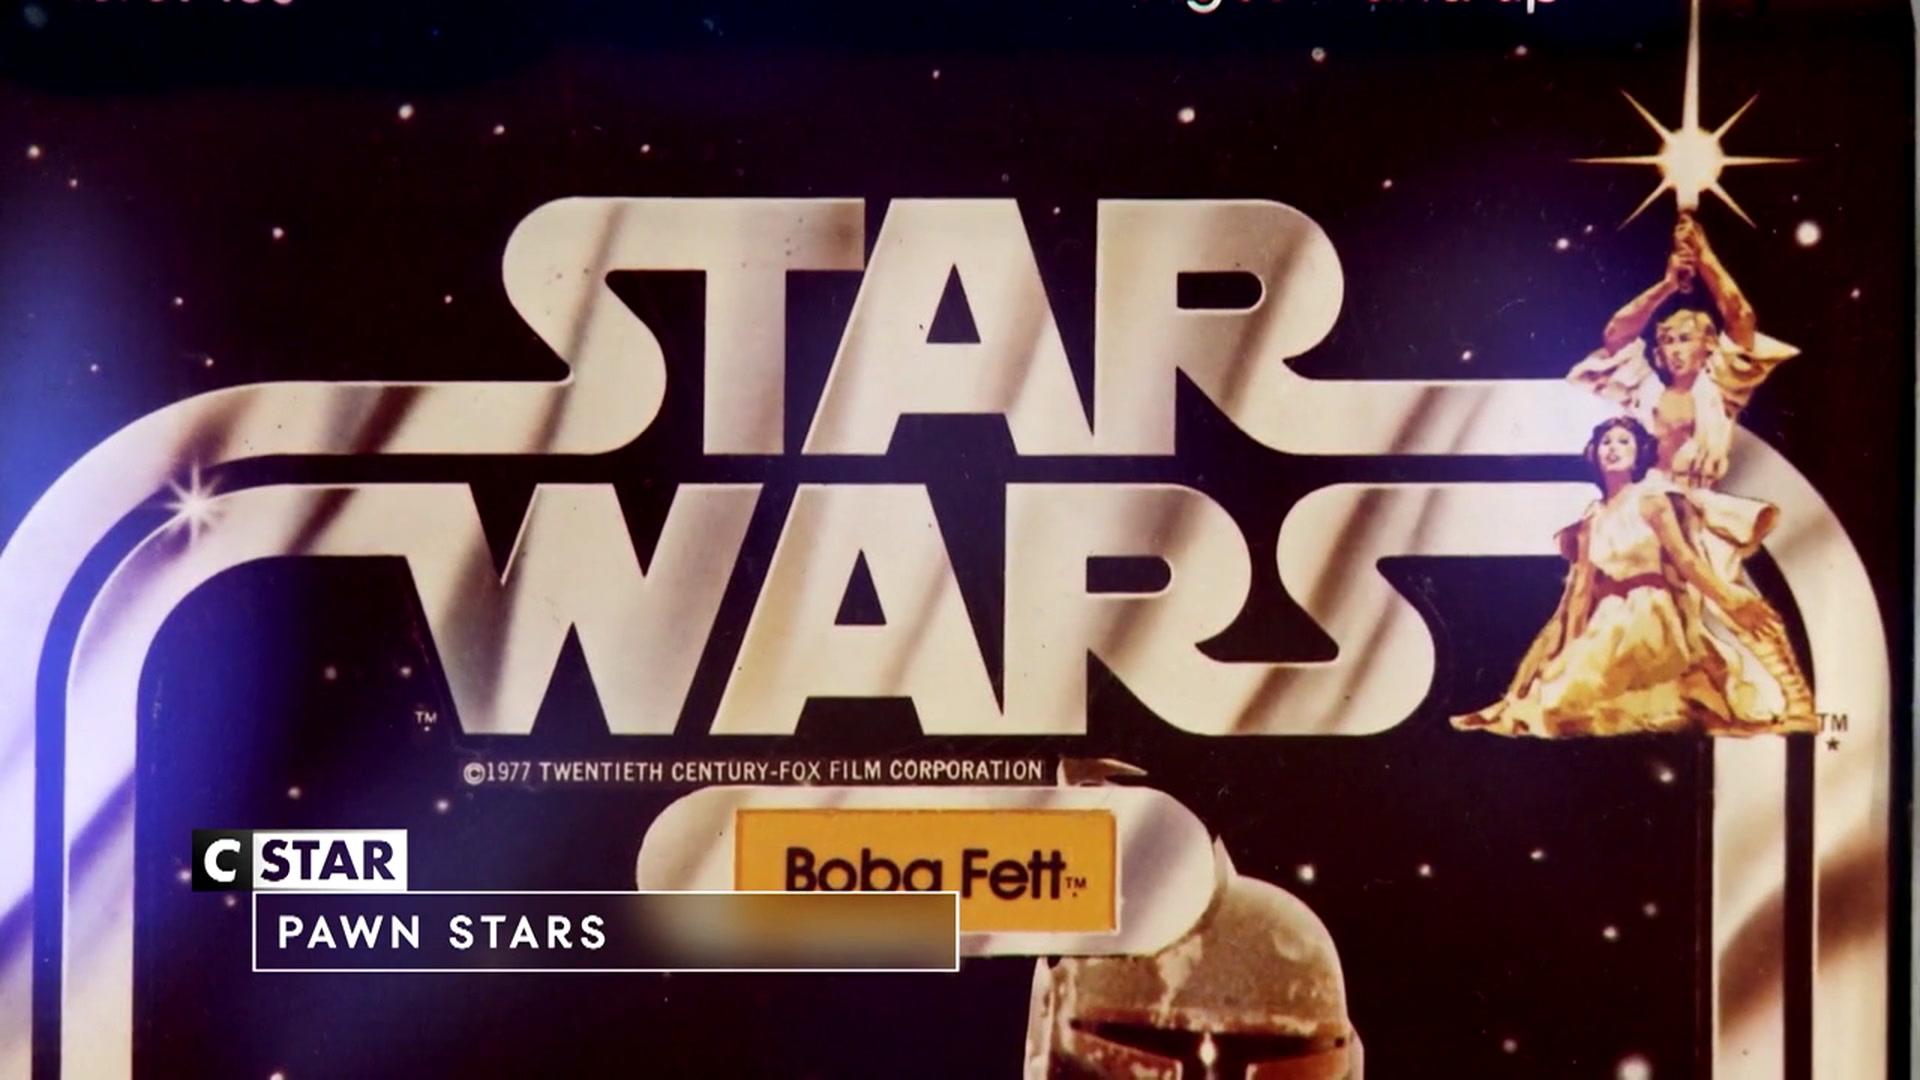 Pawn Stars, les rois des enchères : Special star wars